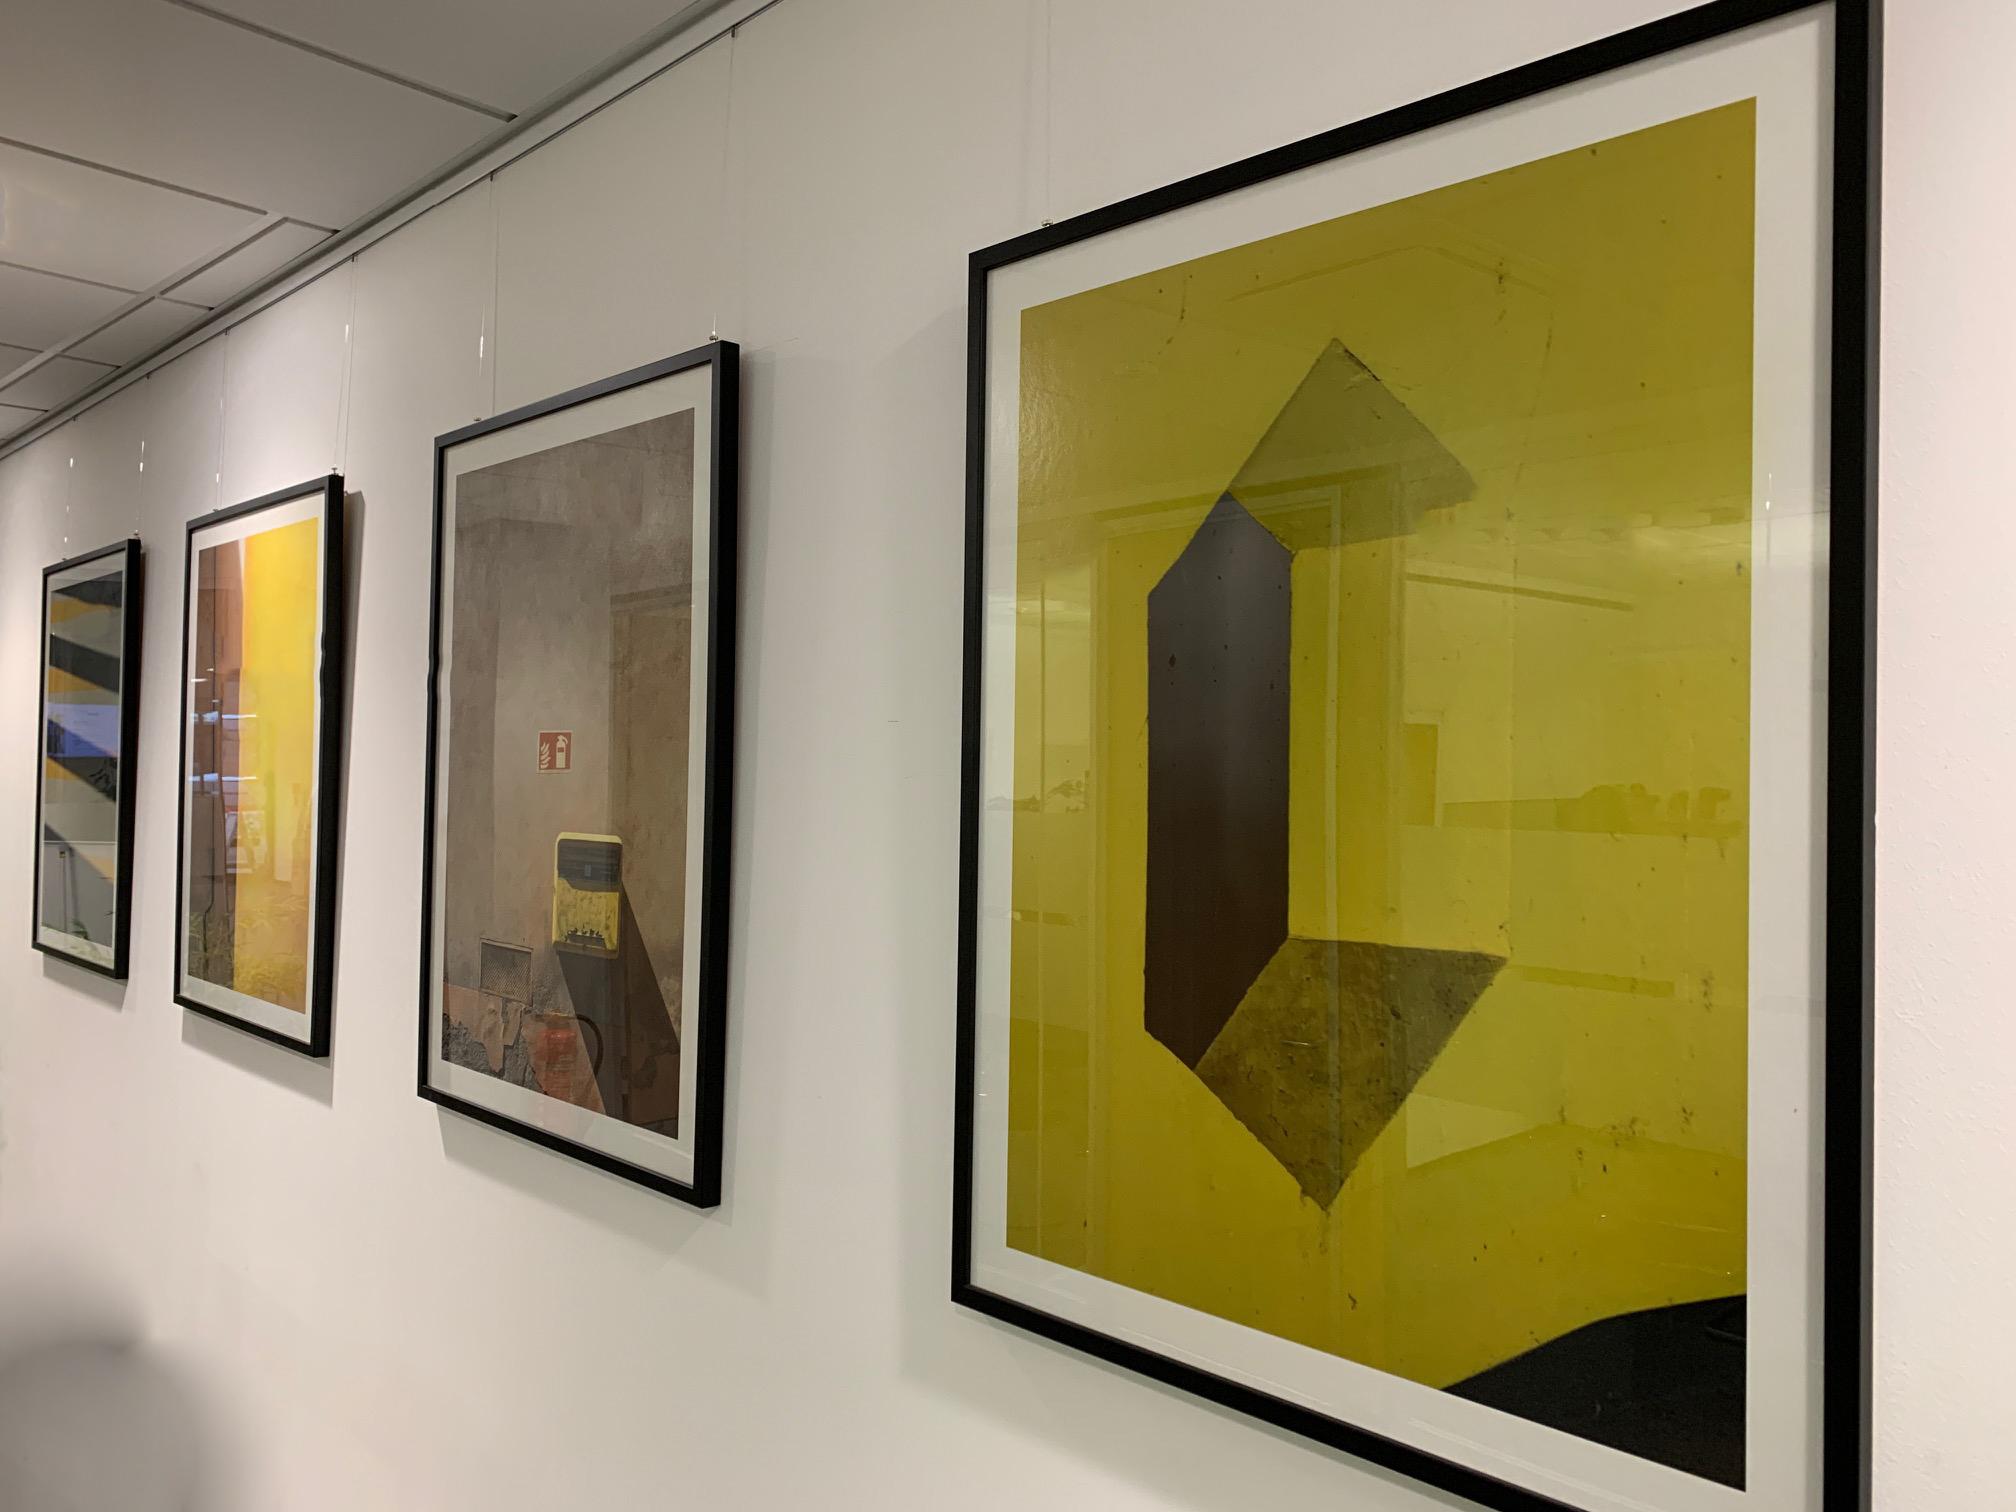 Marcus Metzner Fotografie Ausstellung Concrete / Tender Sparda Neuss, Ausstellungsansicht 7